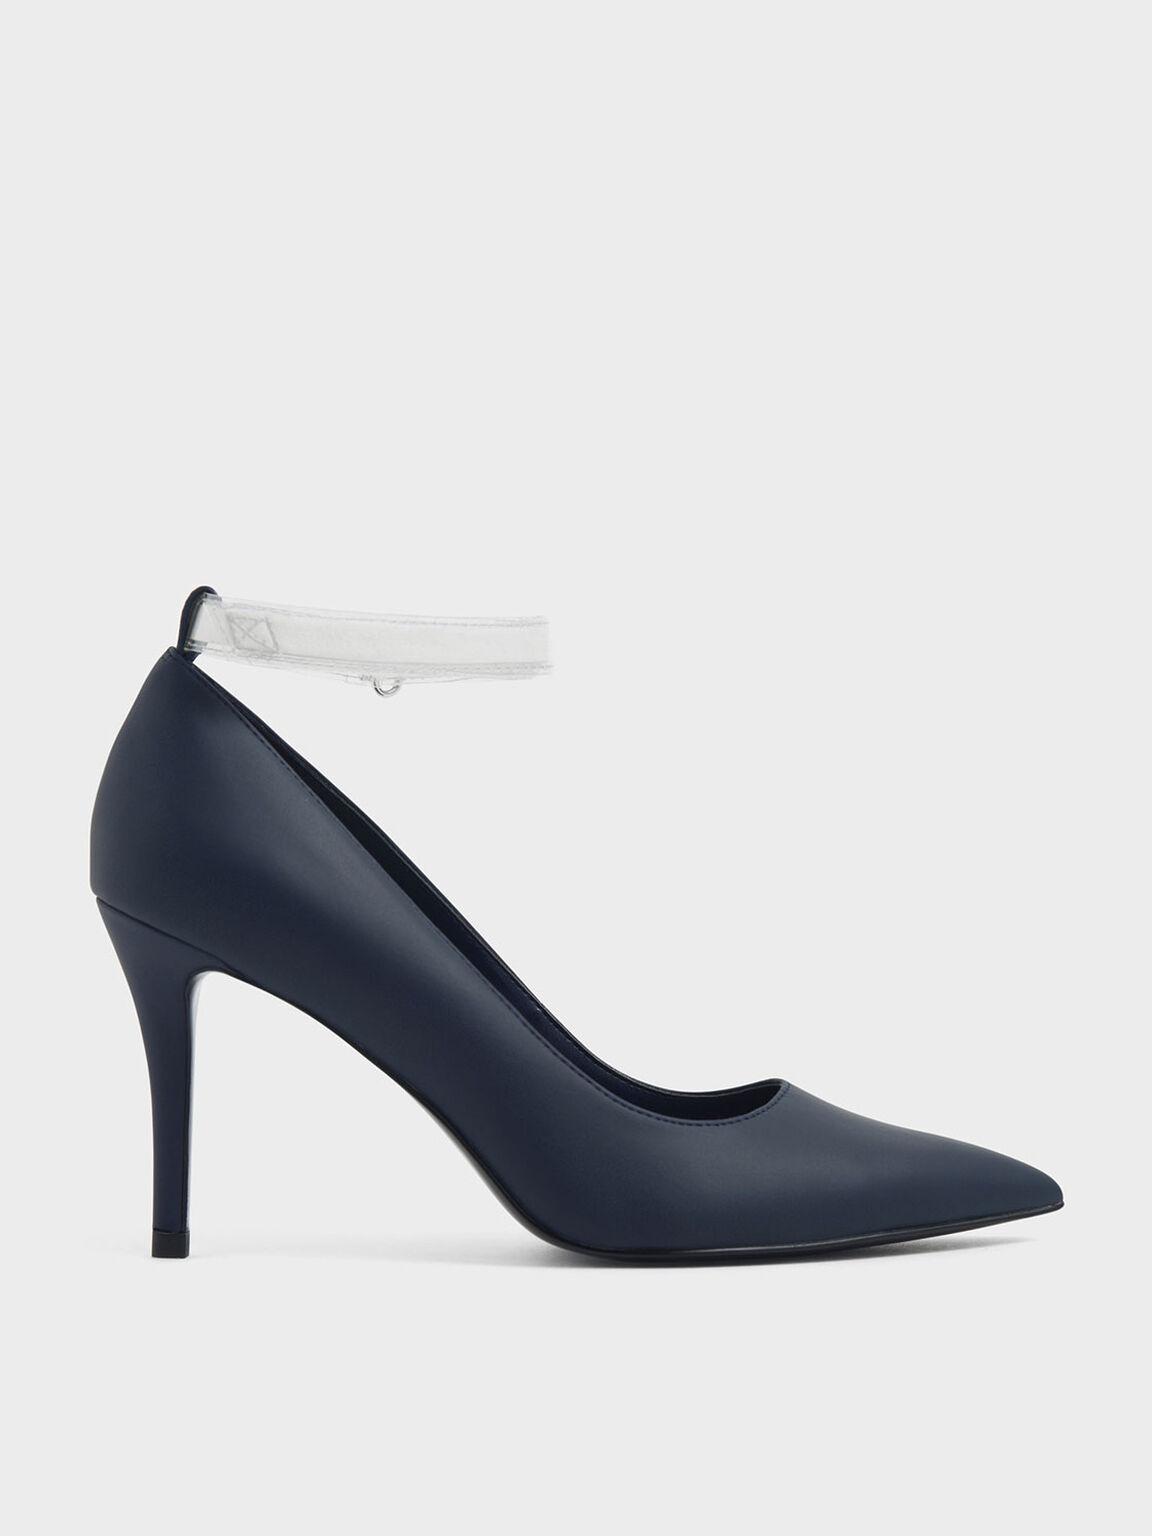 拼接繞踝高跟鞋, 深藍色, hi-res